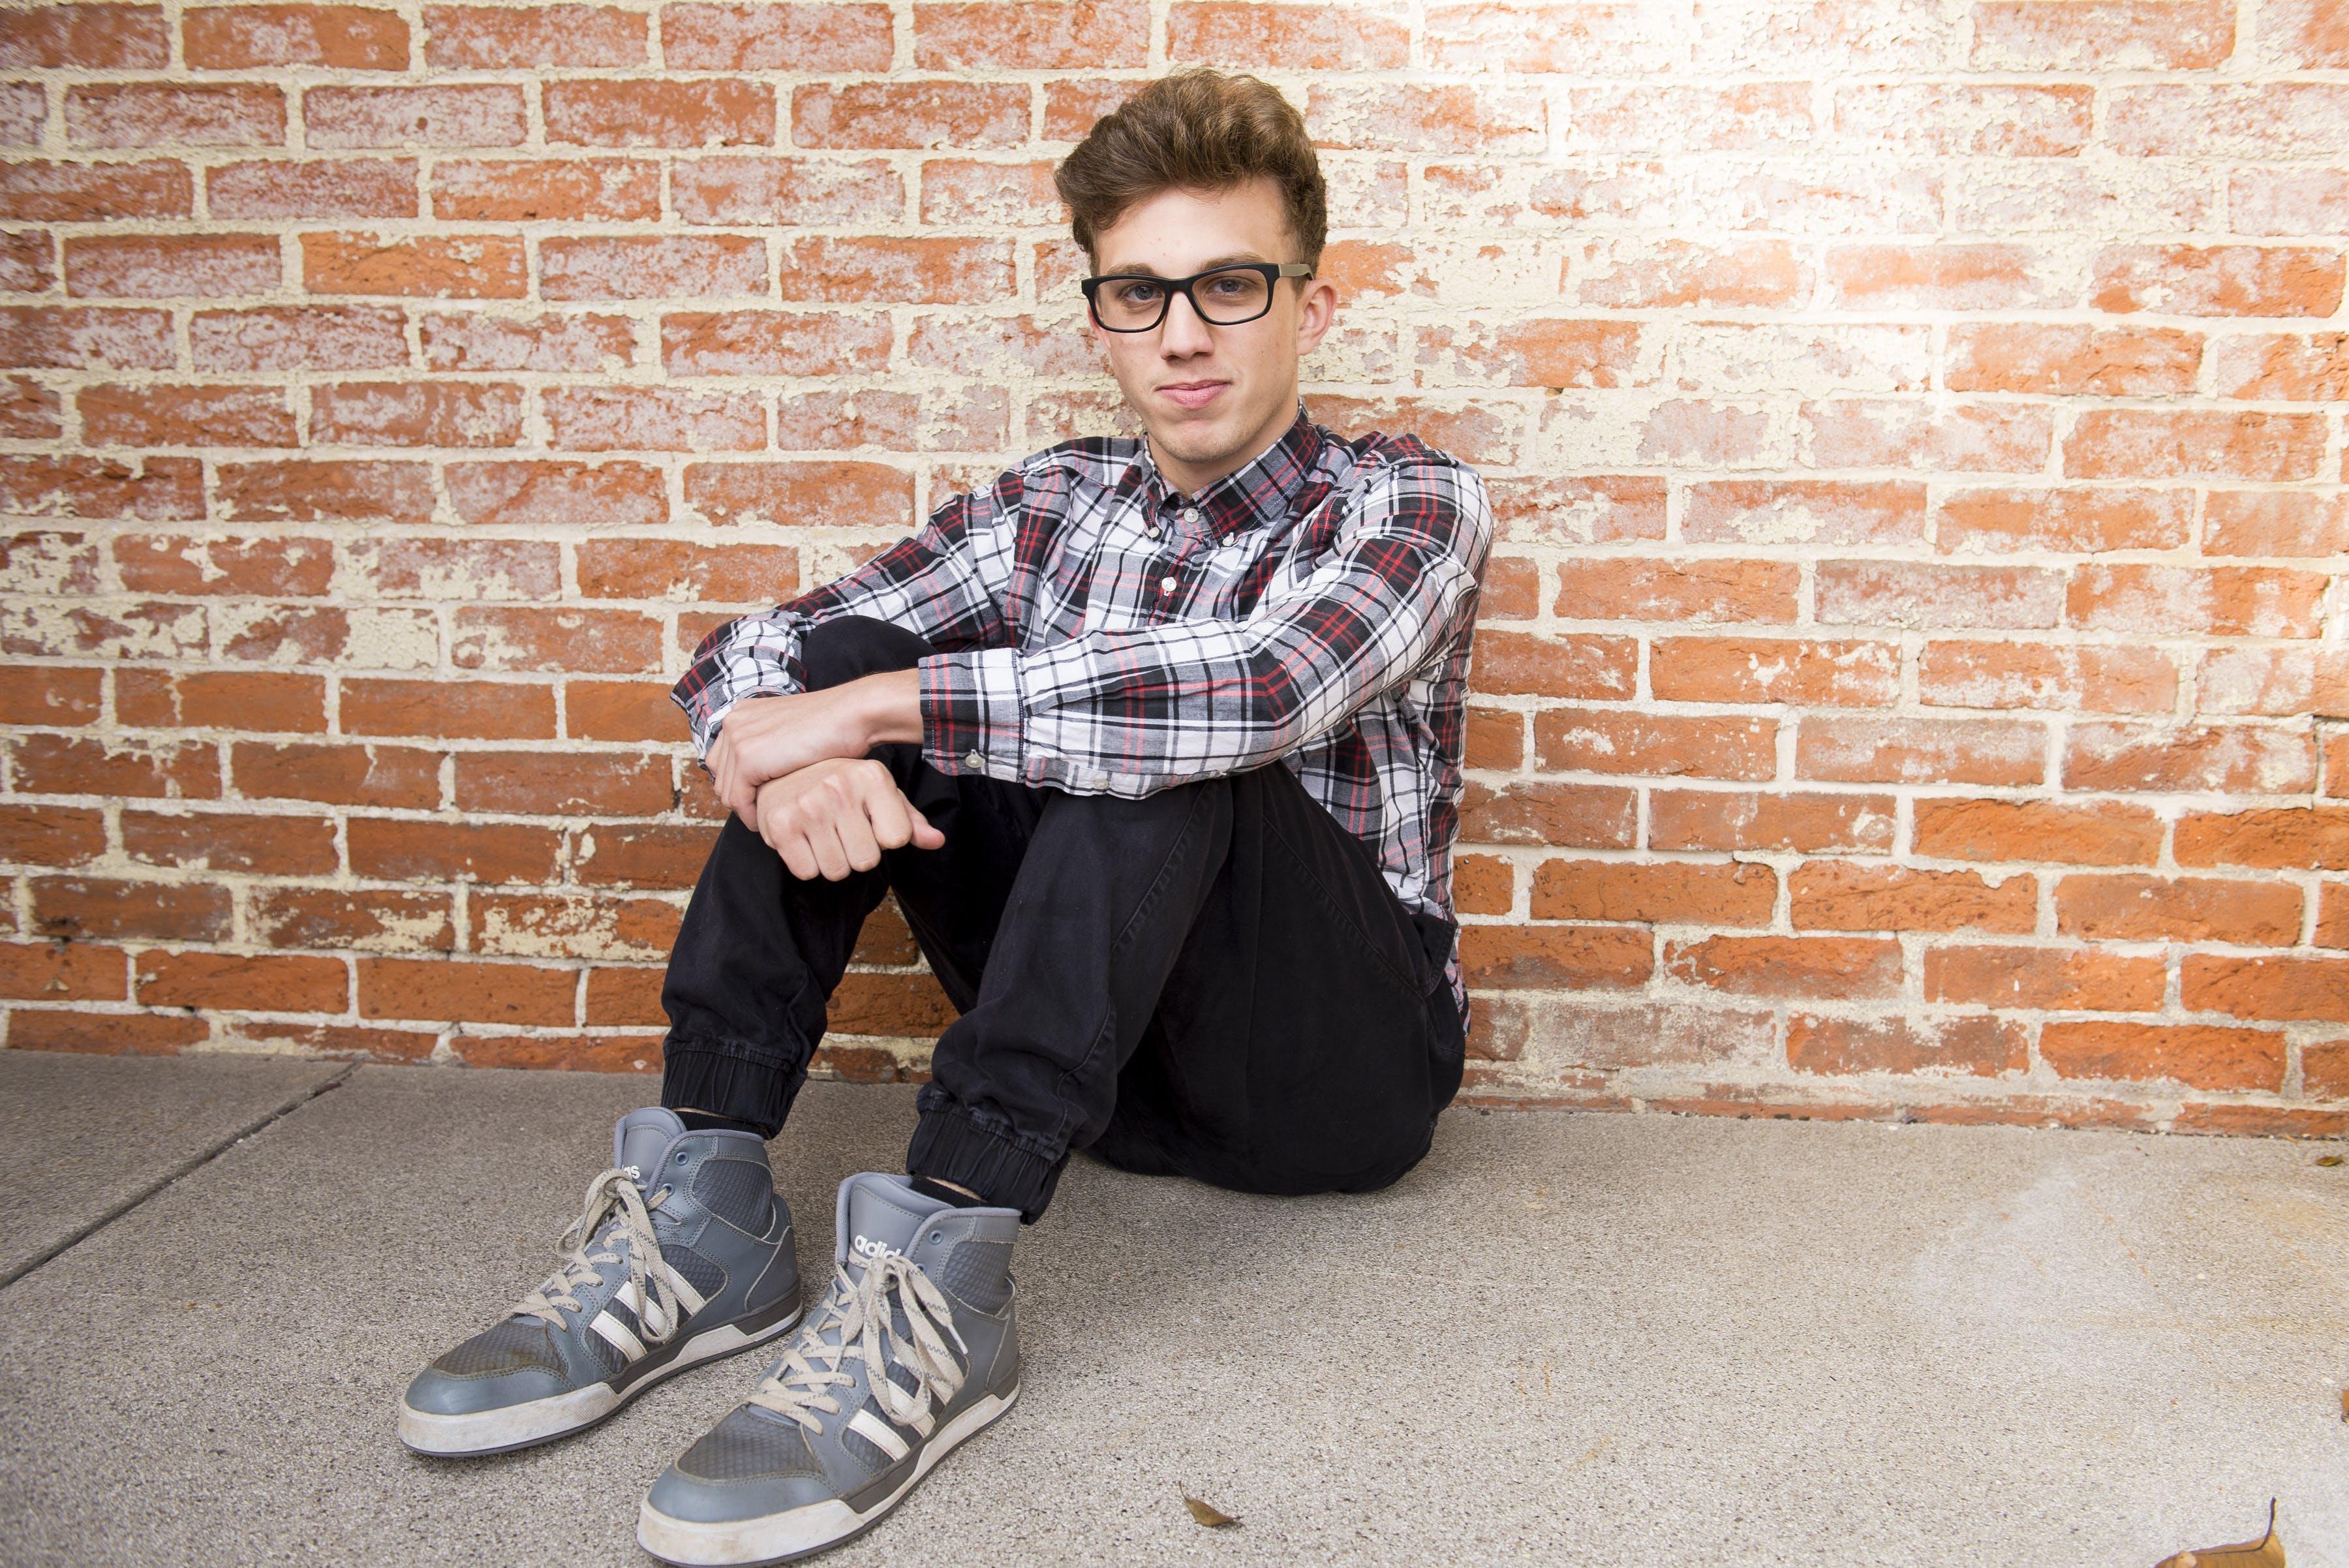 Fotos de stock gratuitas de calzado, casual, chaval, desgaste